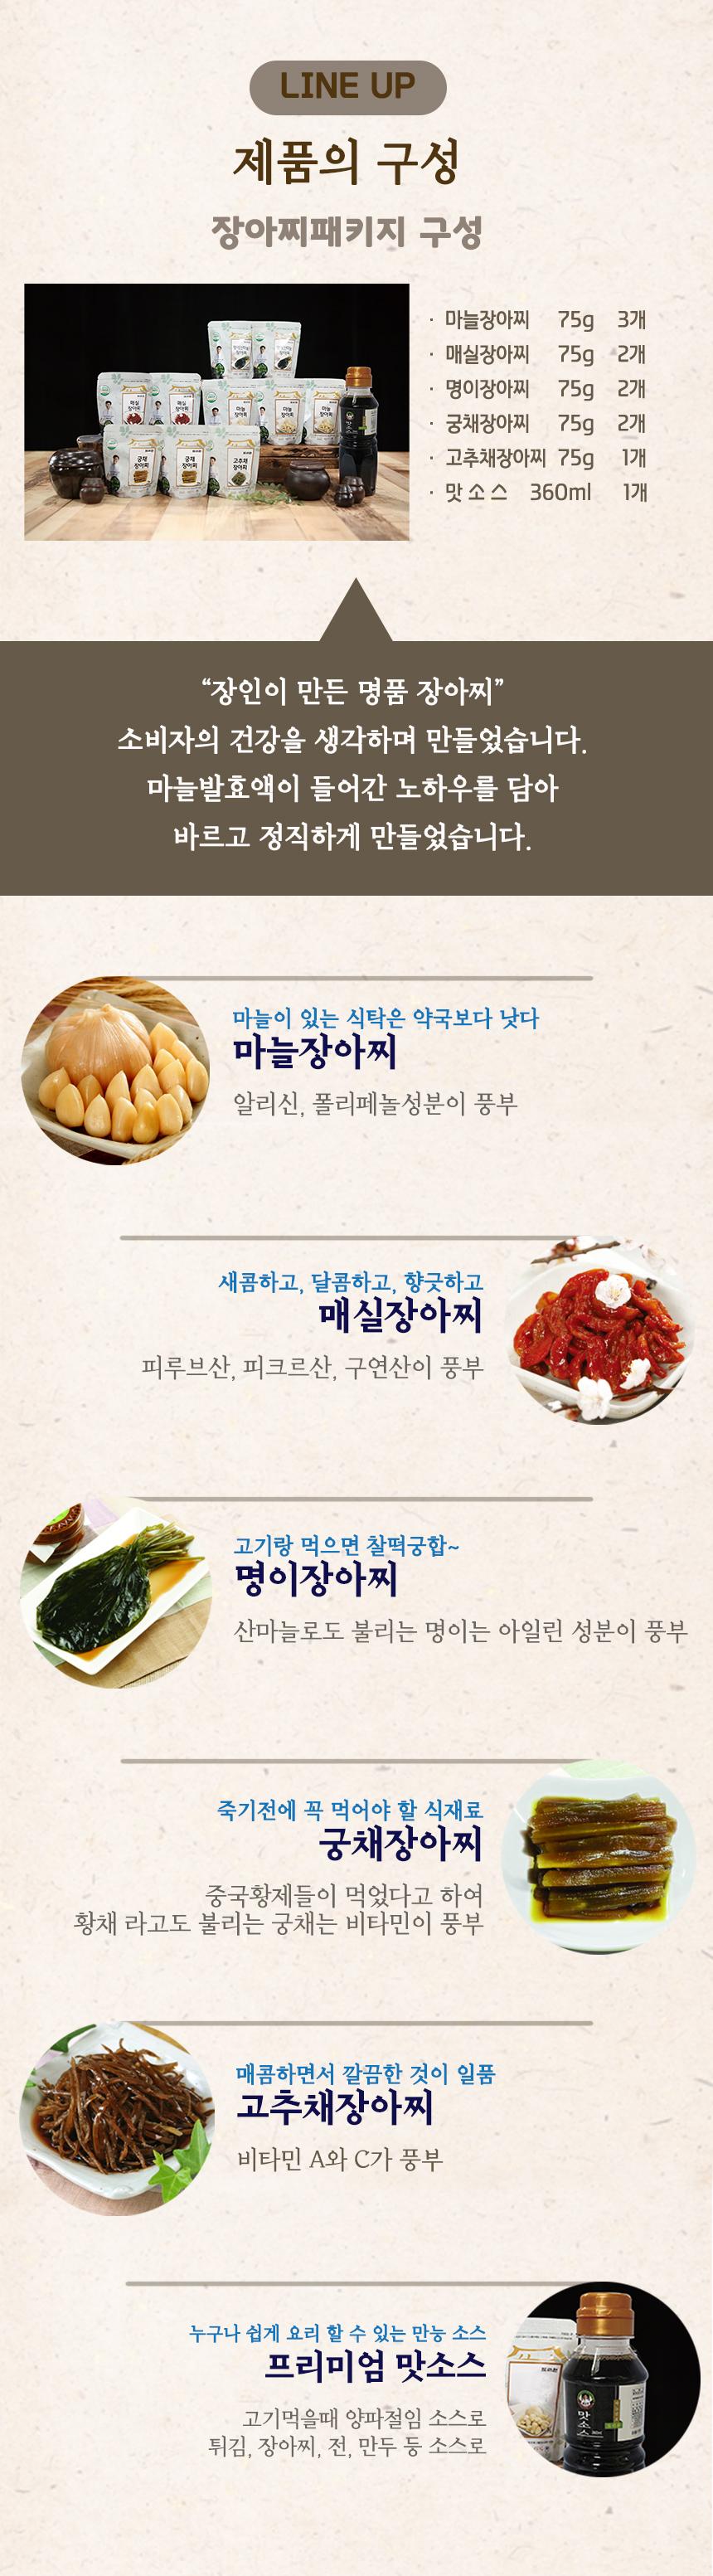 [도리원]-권수열명인의-명품-장아찌패키지_상세이미지수정_02.jpg